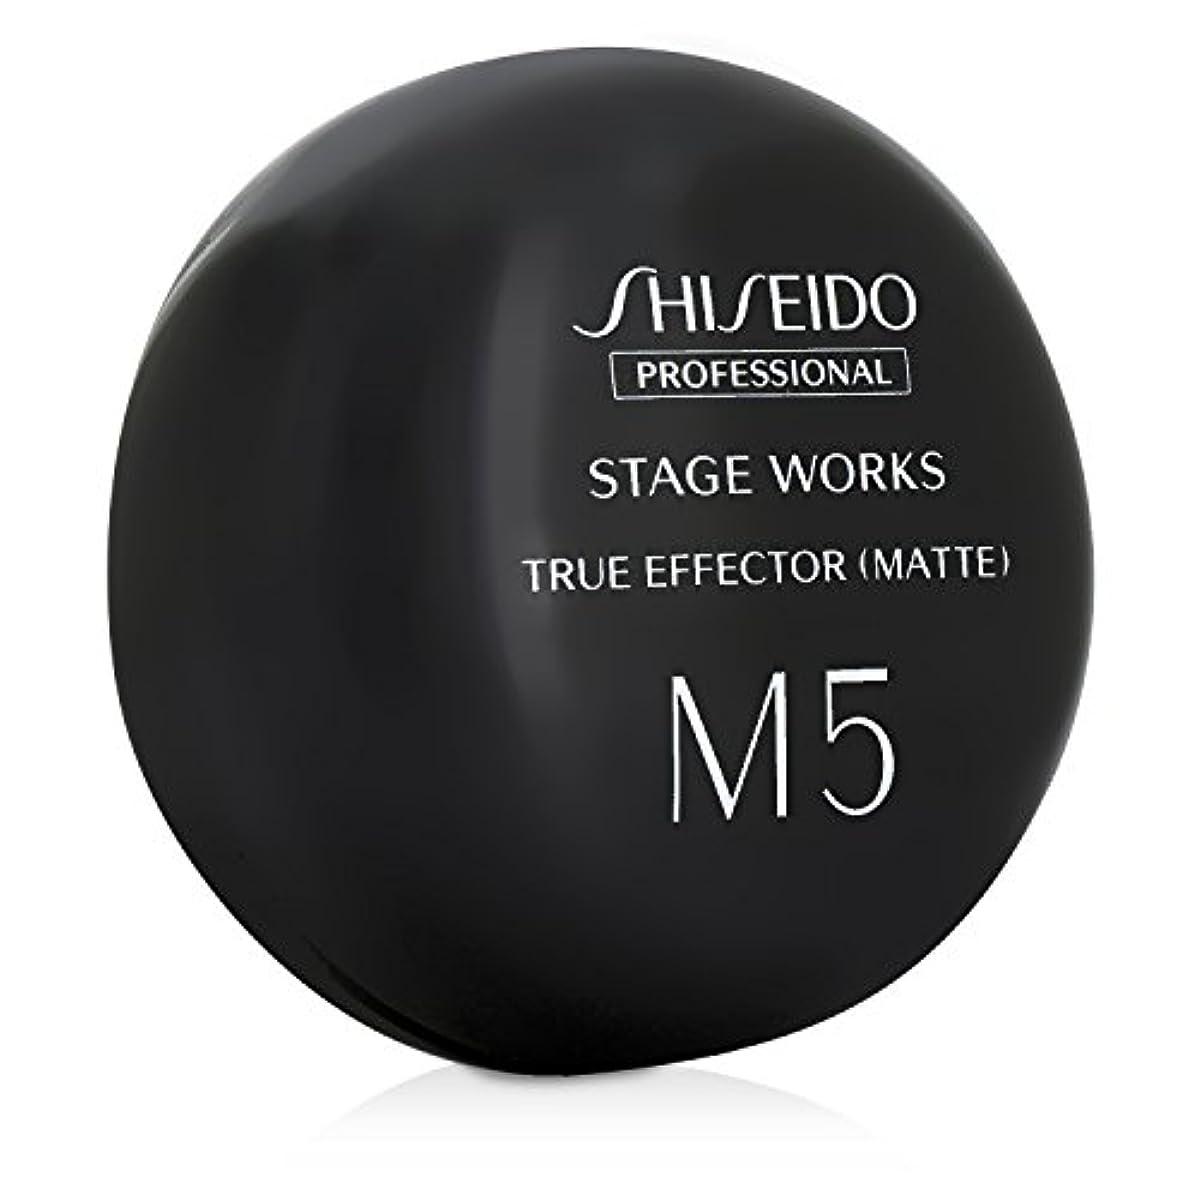 [해외] 시세이도 스테이지웍스 트루 이펙터 매트 M5 (80g)